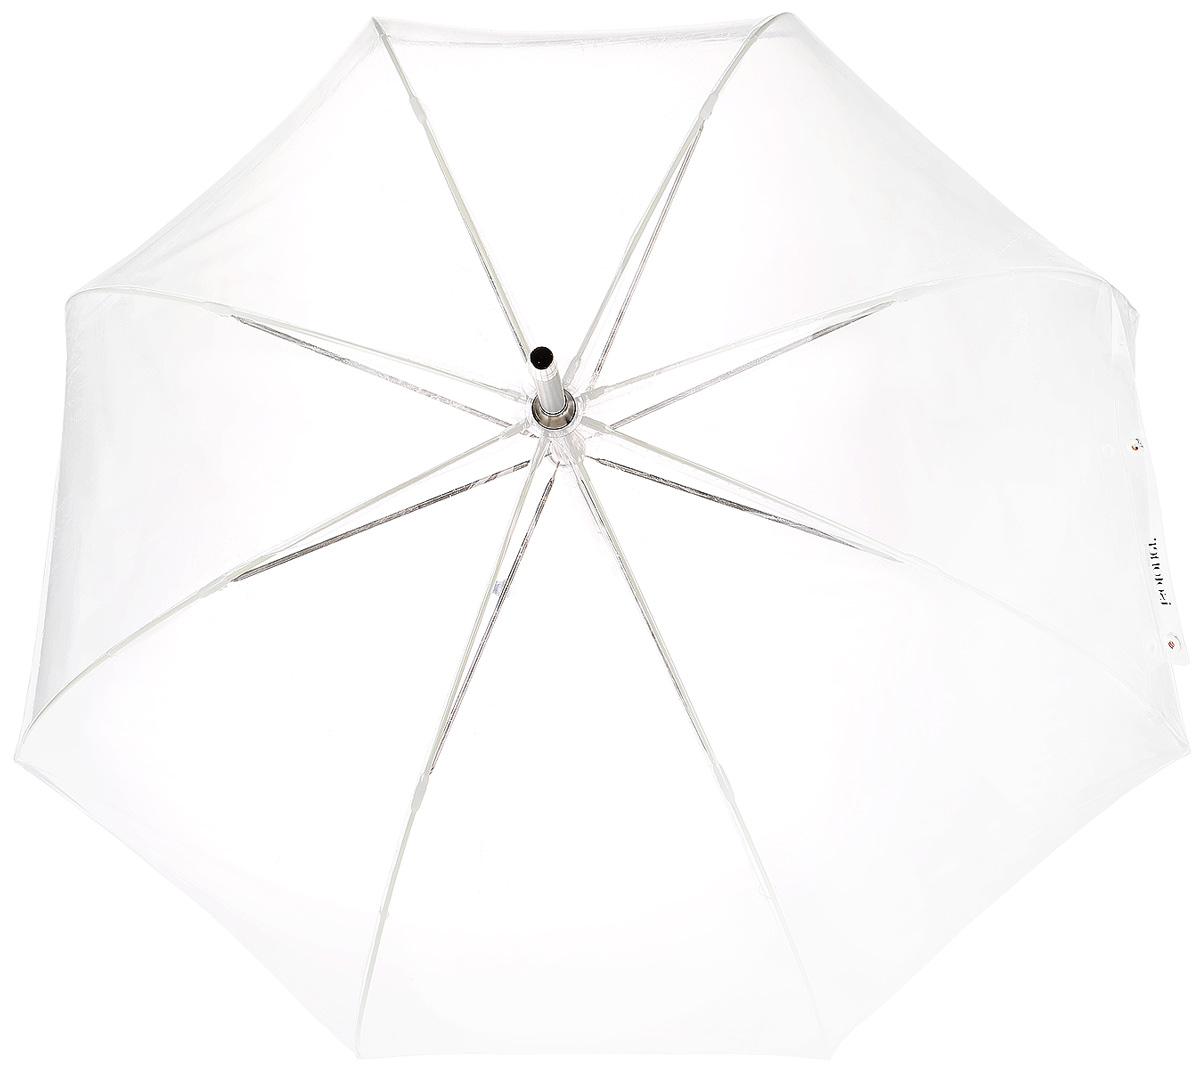 Зонт-трость женский Isotoner, механический, цвет: прозрачный. 09357-981809357-9818_Механический зонт-трость Isotoner оформлен изображением логотипа производителя. Он оснащен надежным металлическим каркасом с восьмью спицами из алюминия. Купол изготовлен из ПВХ. Модель застегивается с помощью хлястика на кнопку. Эргономичная рукоятка выполнена из пластика. Такой зонт не только надежно защитит вас от дождя, но и станет стильным аксессуаром, который идеально подчеркнет ваш образ.